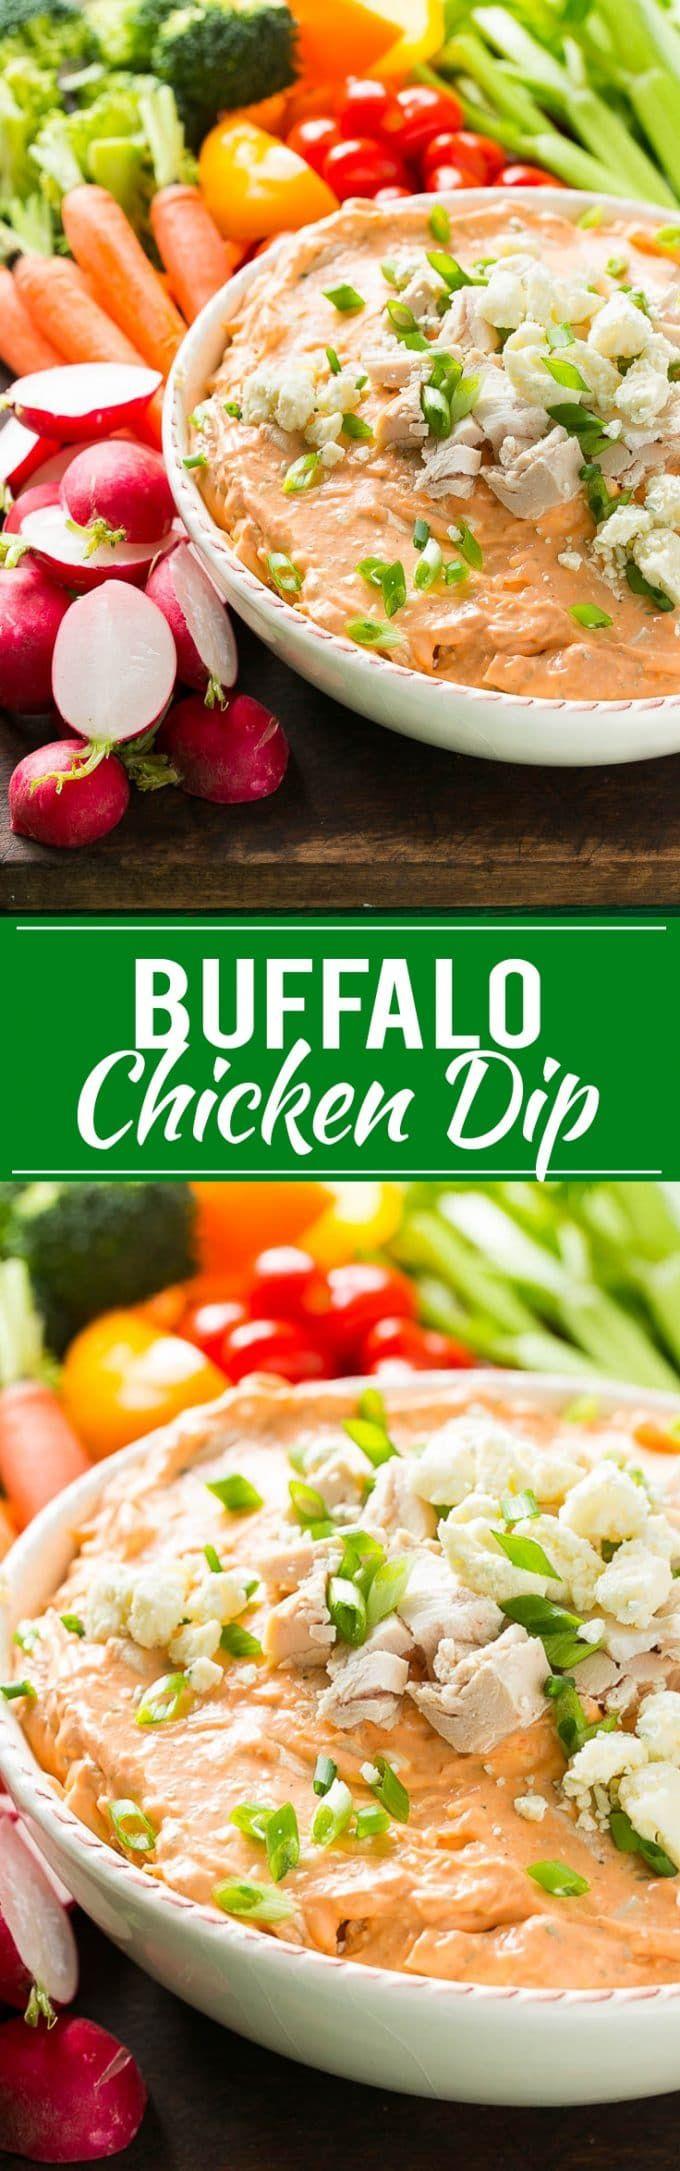 Buffalo Ranch Chicken Dip Recipe | Buffalo Ranch Chicken Dip | Best Buffalo Chicken Dip | Easy Buffalo Chicken Dip